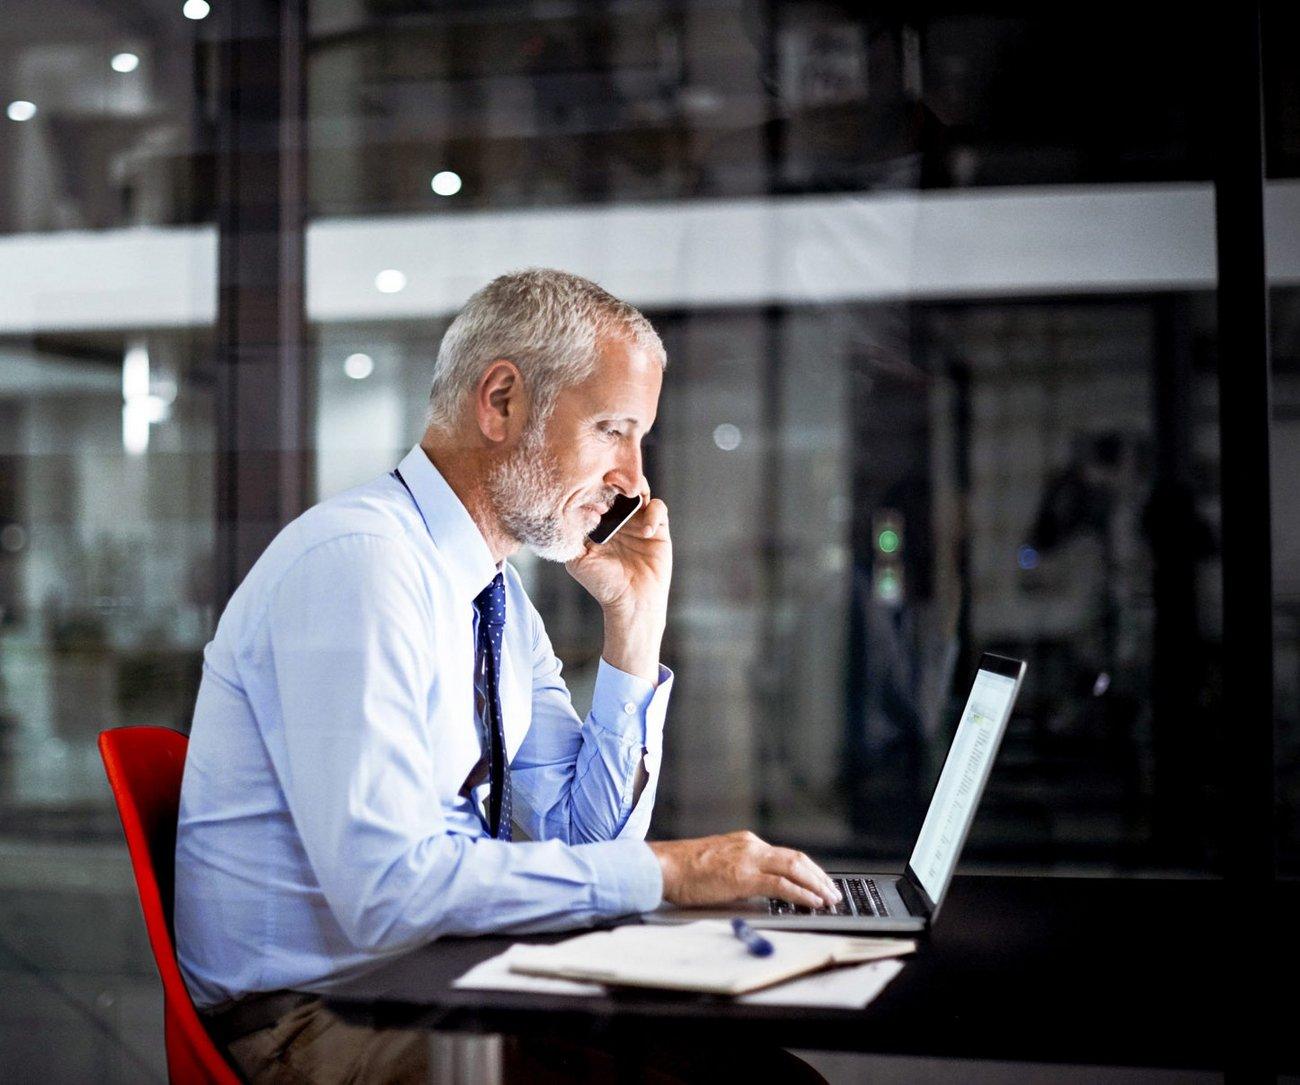 Mann am Laptop arbeitet und telefoniert.